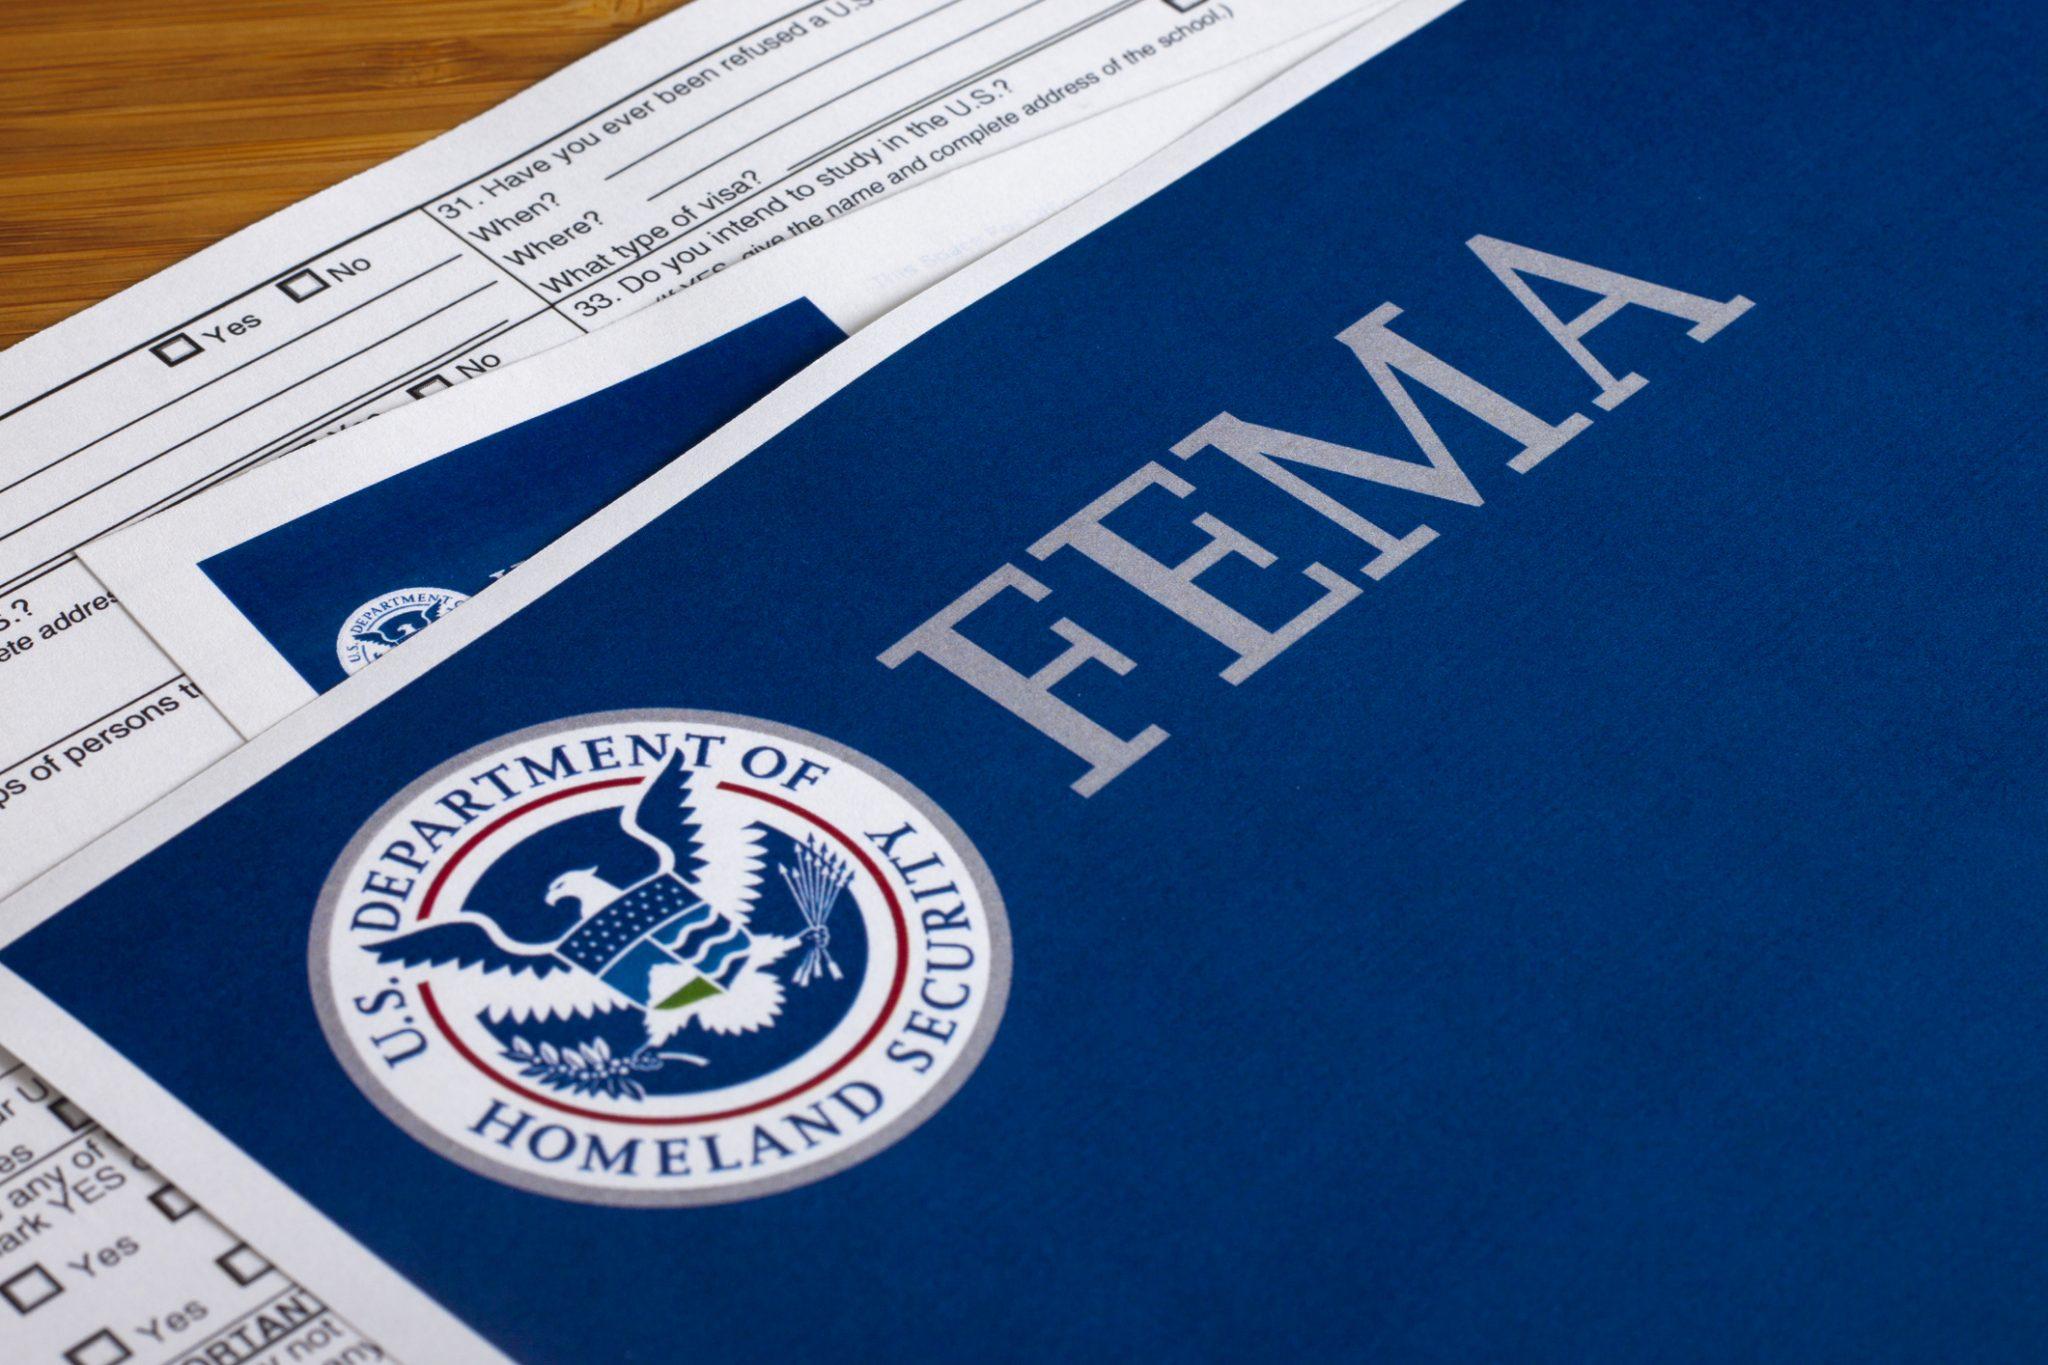 FEMA раскрыла личные данные около 3 млн. человек